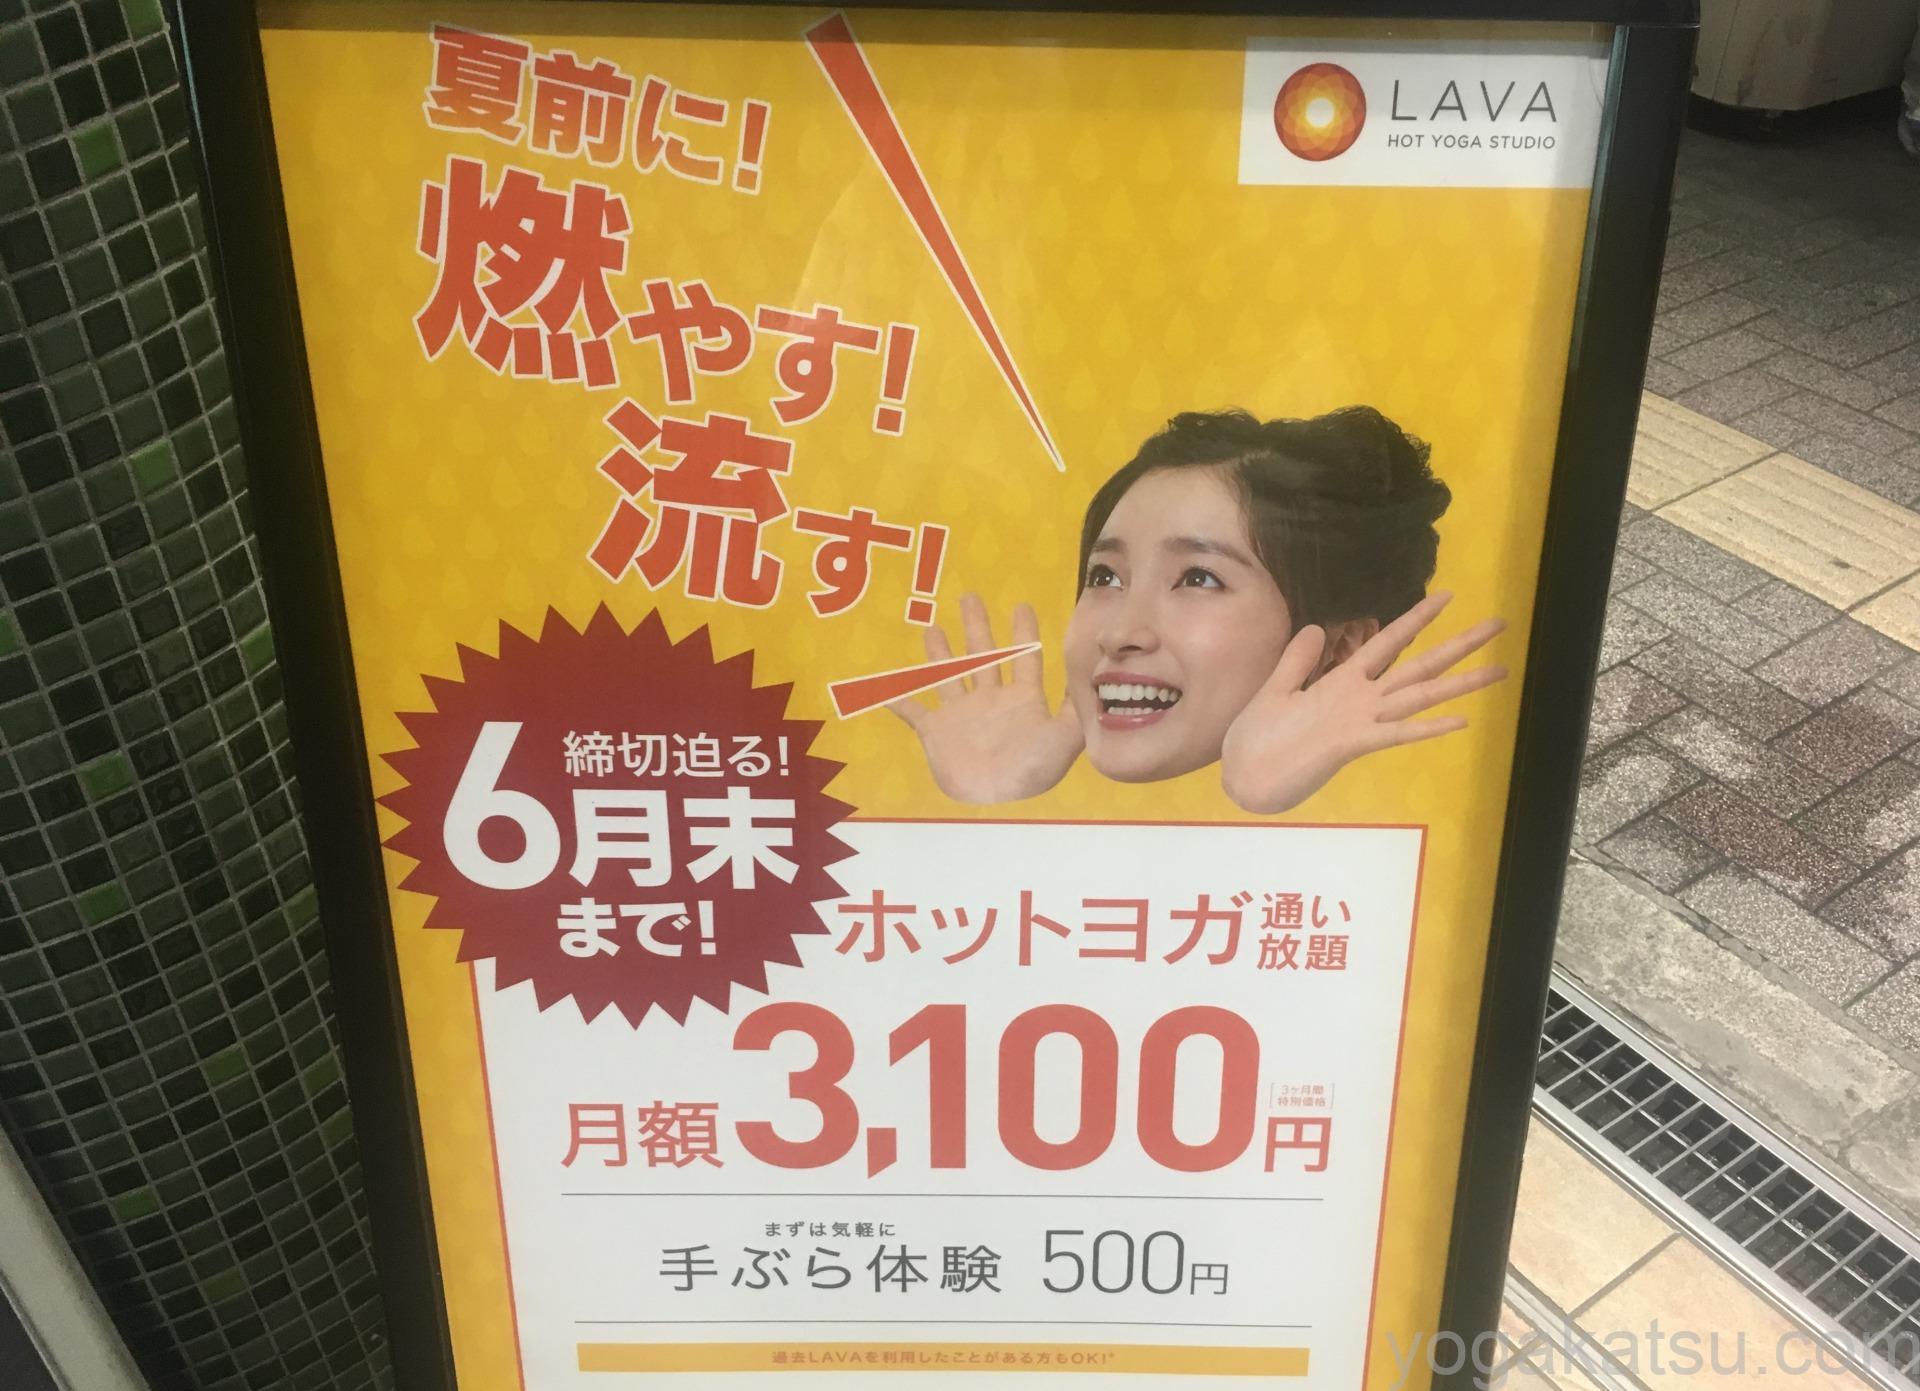 lava キャンペーン 6月